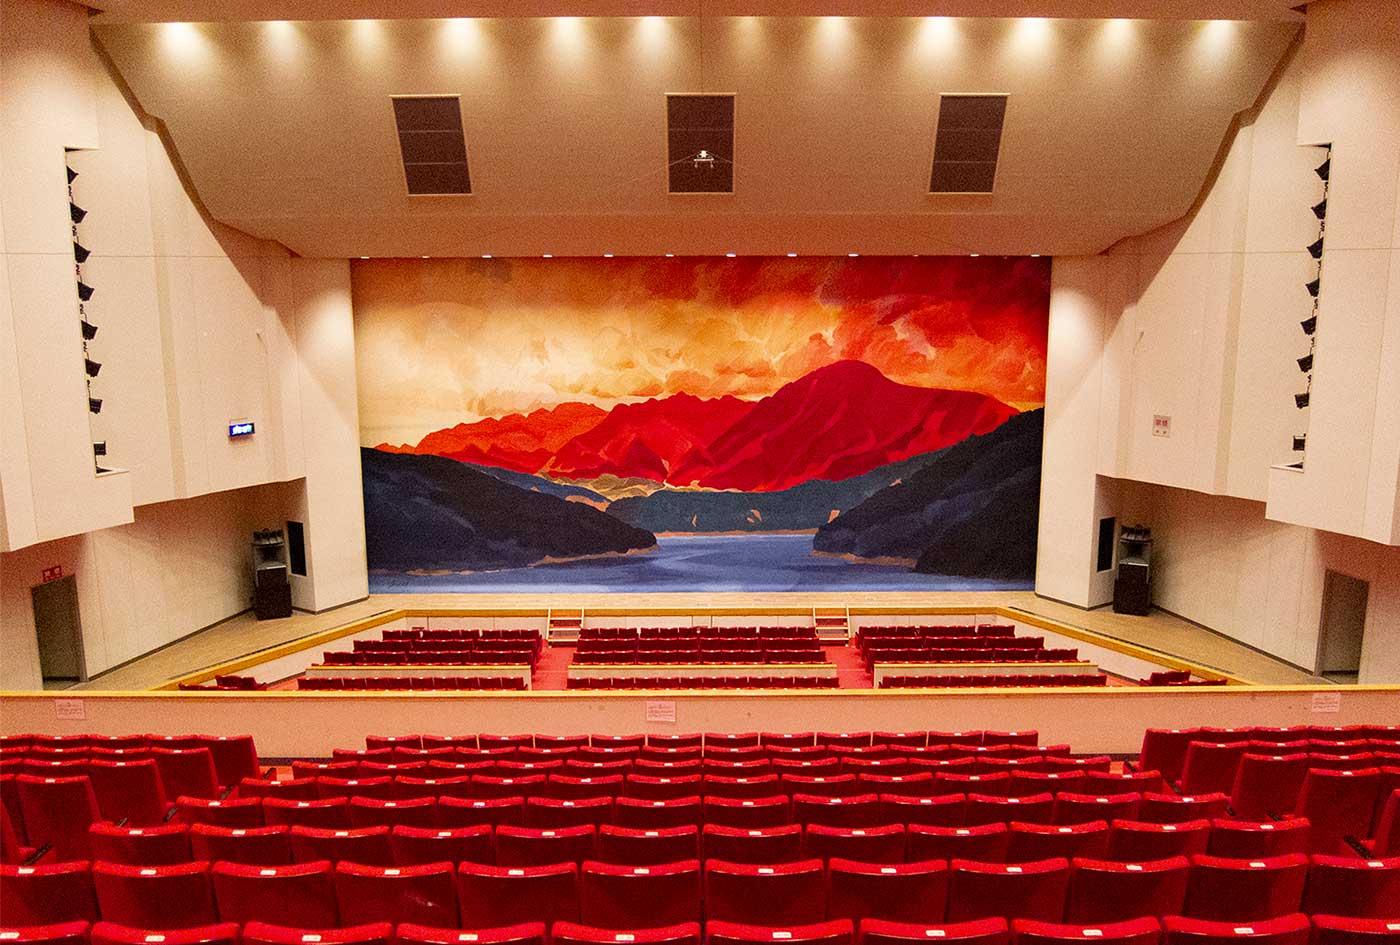 川上哲治生誕100年記念|イベント|20200323